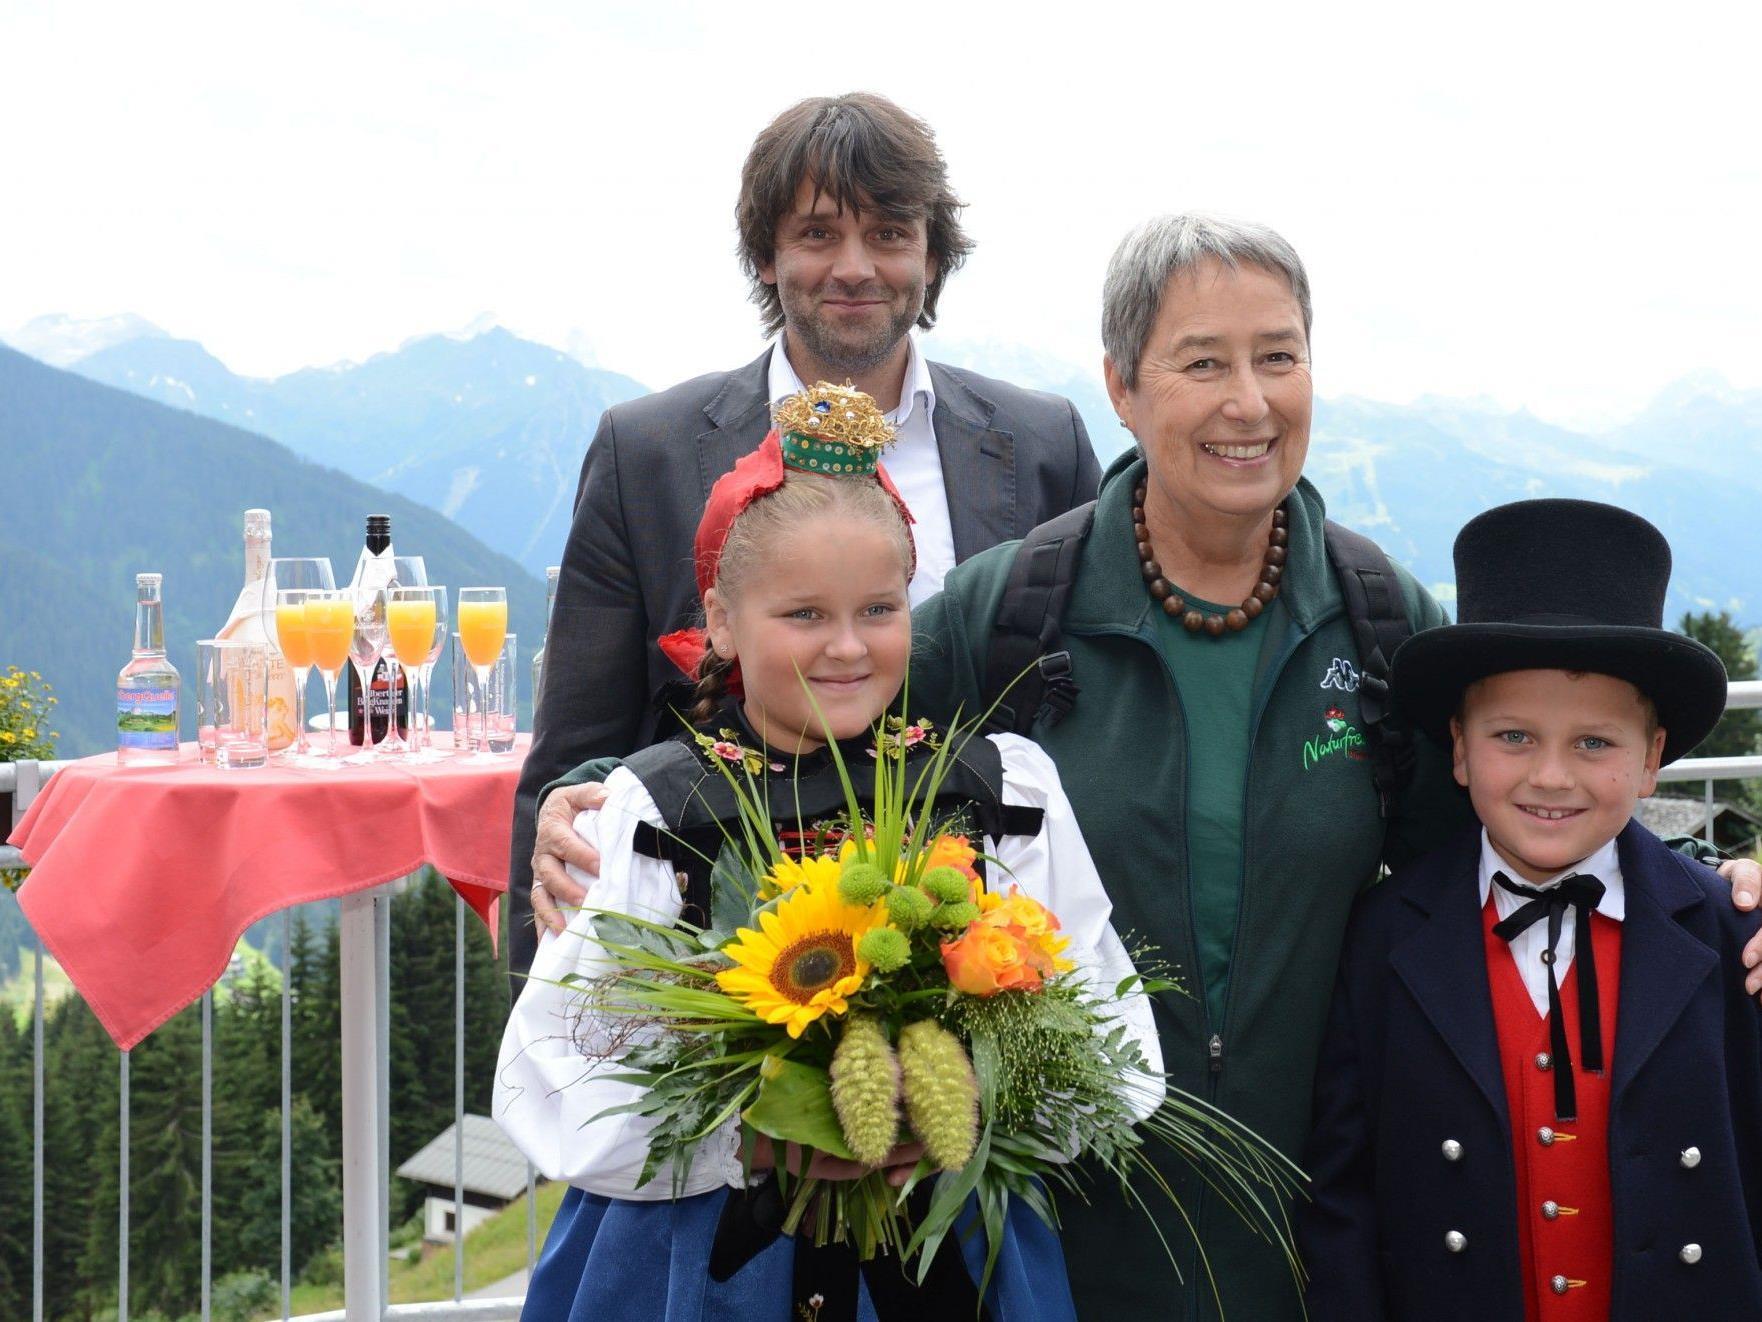 Bundespräsidentengattin Margit Fischer mit Bürgermeister Thomas Zudrell und Trachtenkindern aus dem Silbertal.